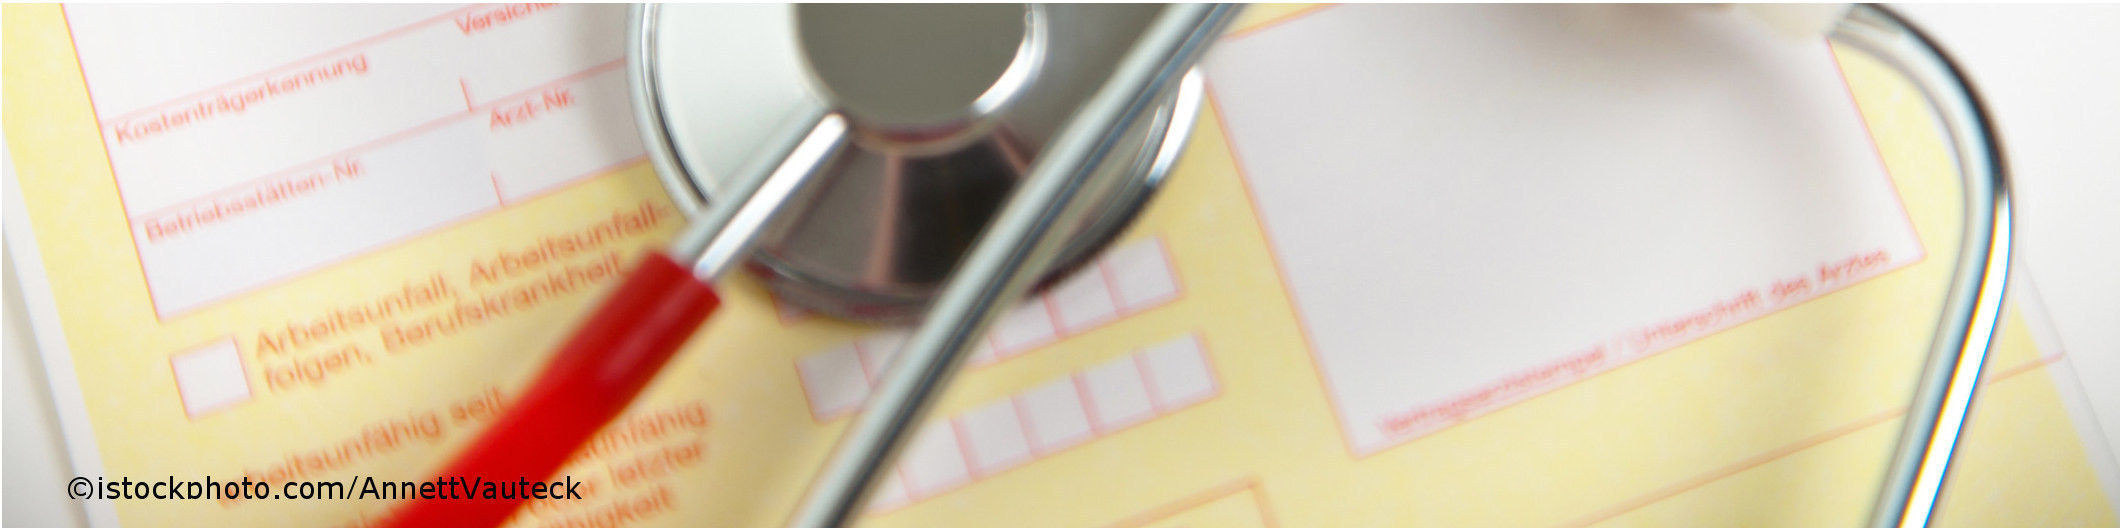 Im ICD-10 Diagnoseschlüssel steht B18 für chronische Virushepatitis